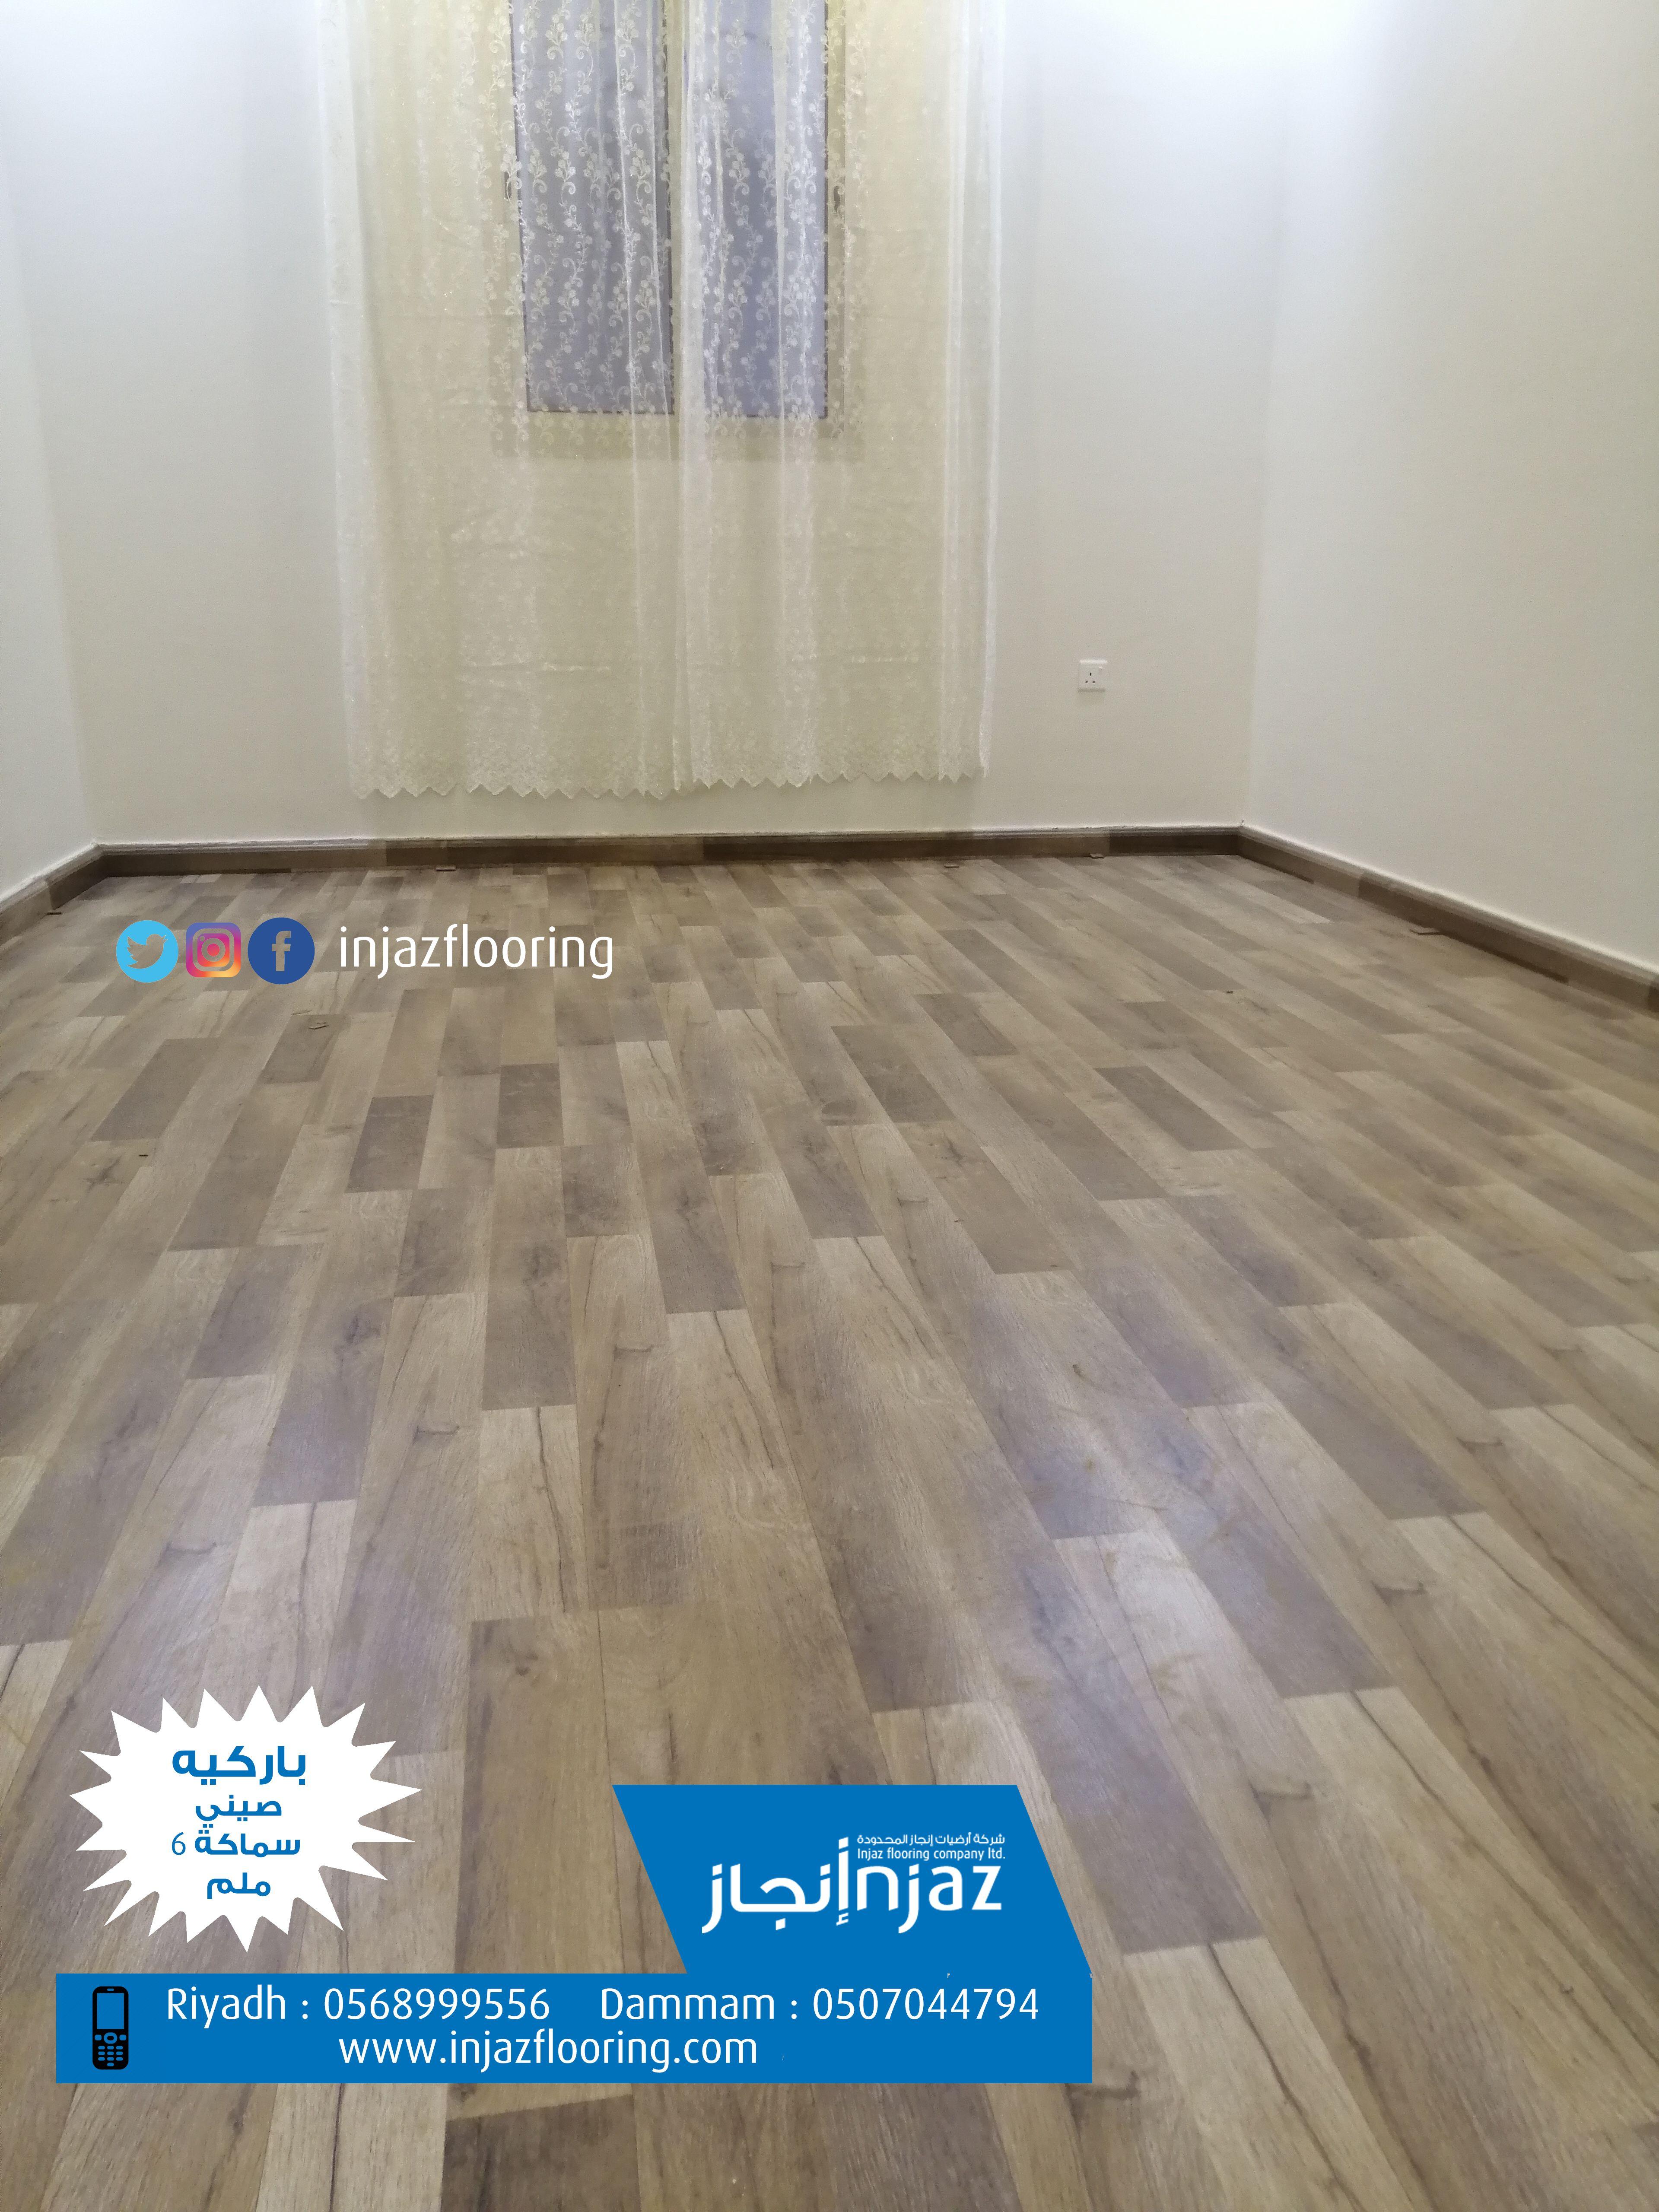 باركيه صيني المتر المربع 30 ريال Flooring Tile Floor Texture